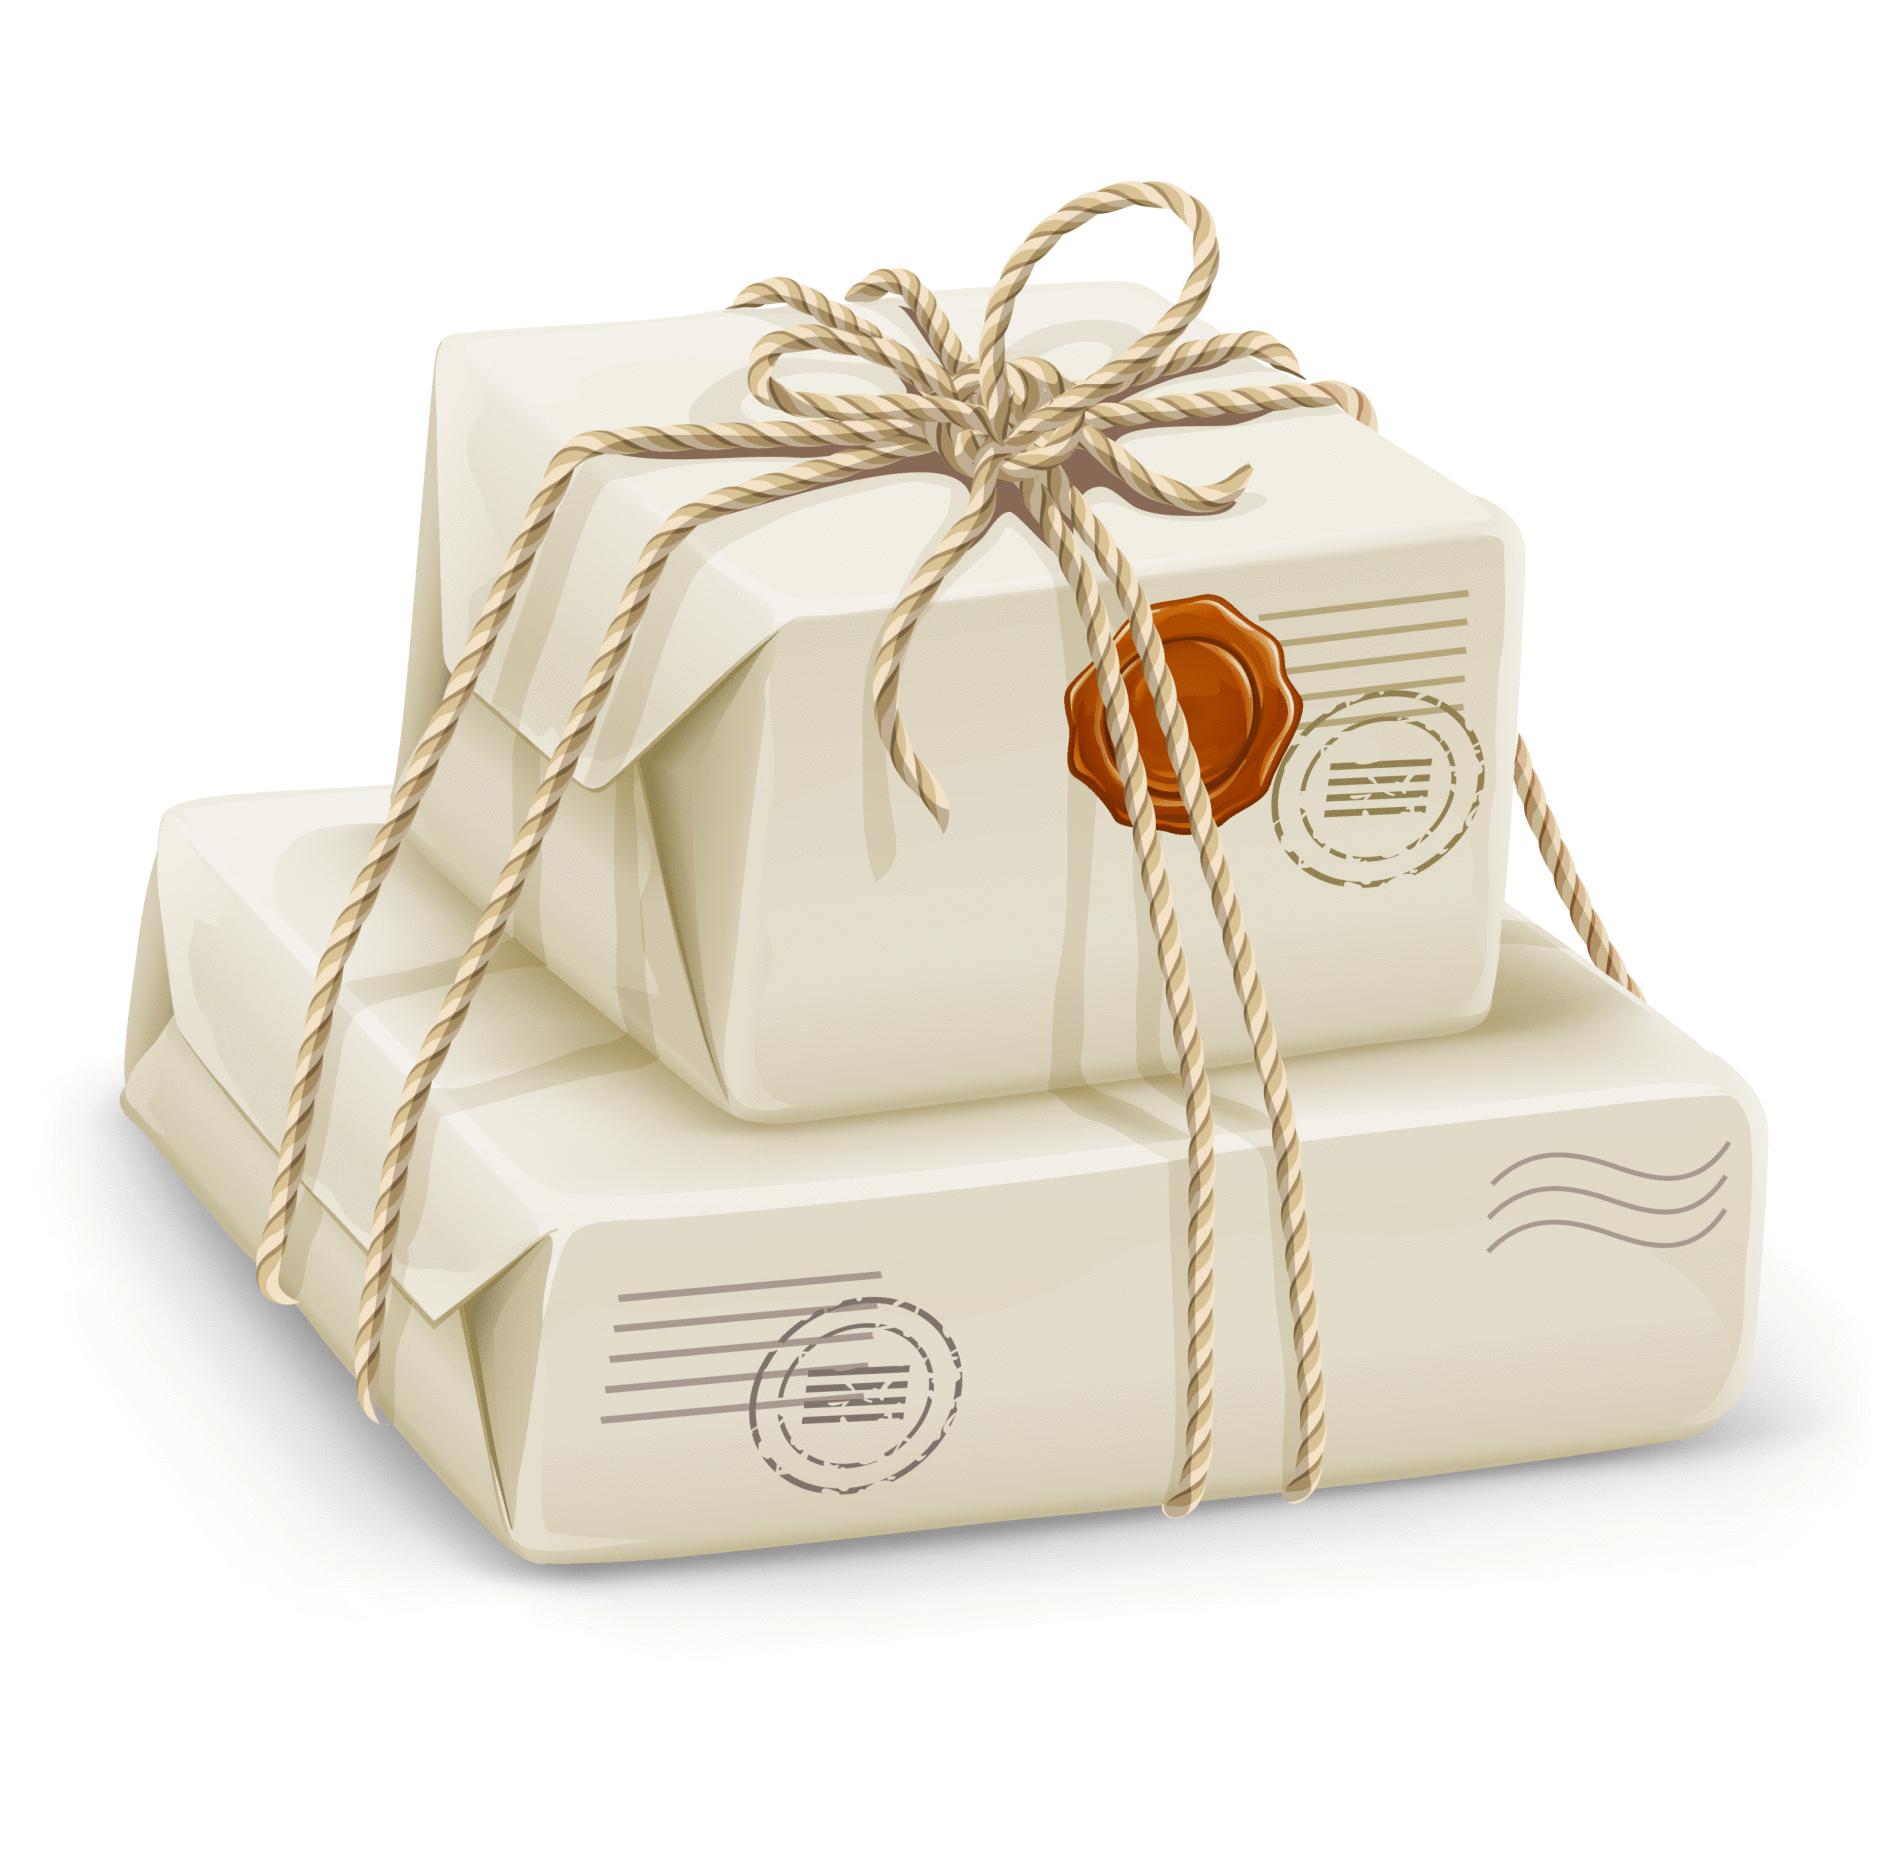 Россия - доставка подарков, подарочных наборов и корзин 84